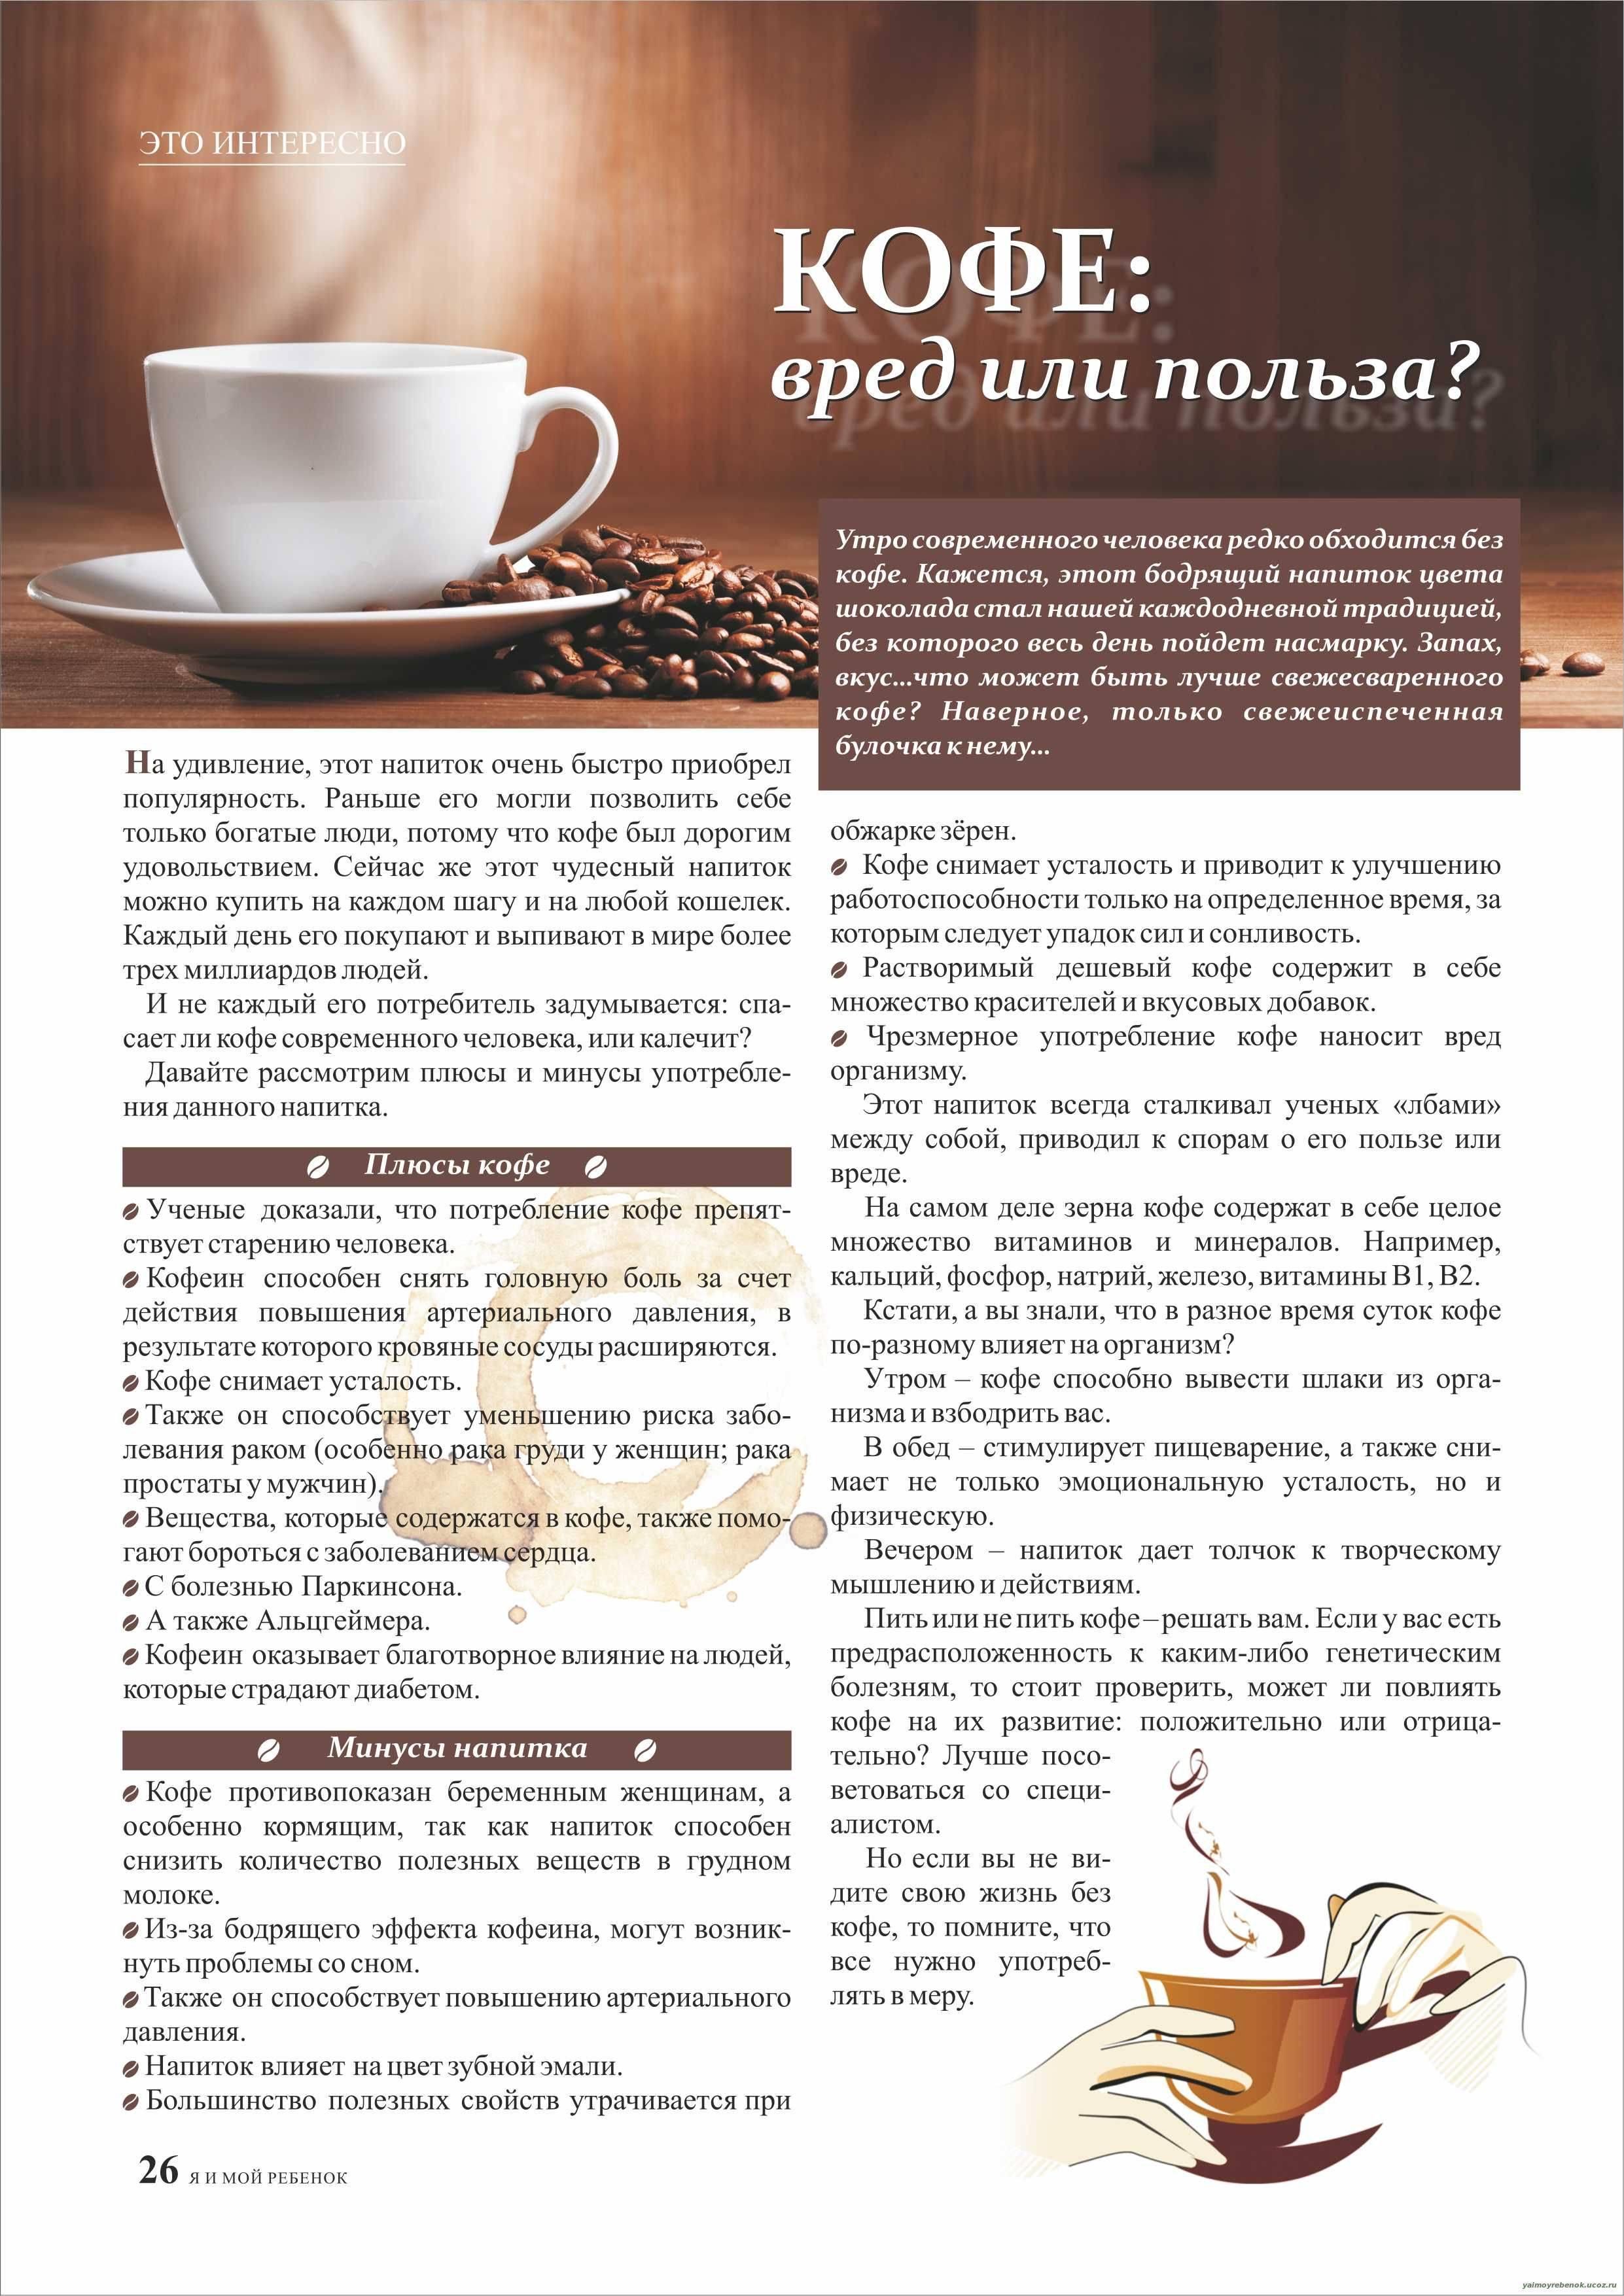 Можно ли пить много кофе, сколько считается нормой и какой вред можно нанести